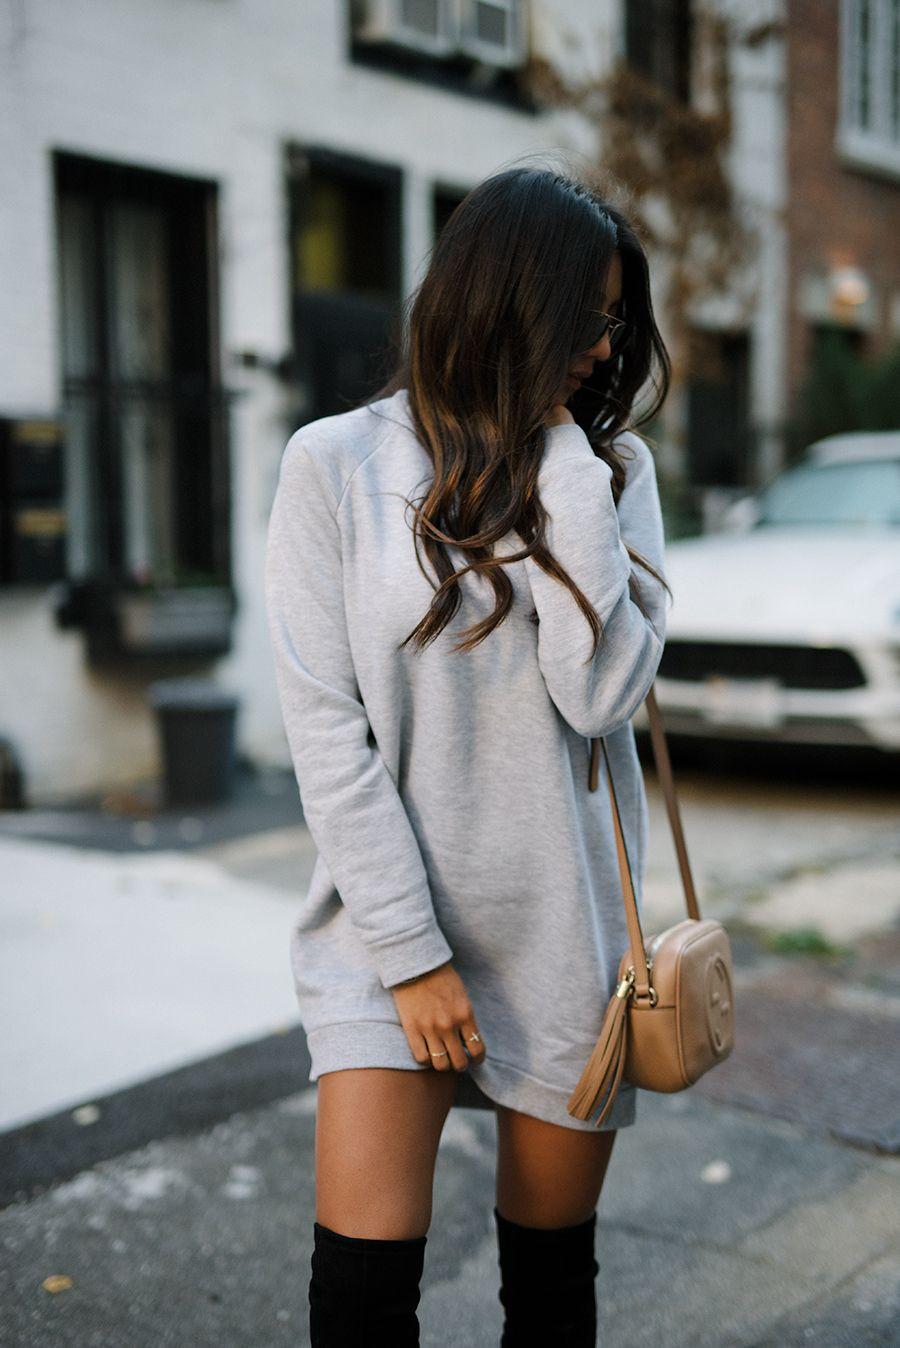 Oversize una tendencia que se ajusta a tallas y estilos buscando la comodidad y un look más casual